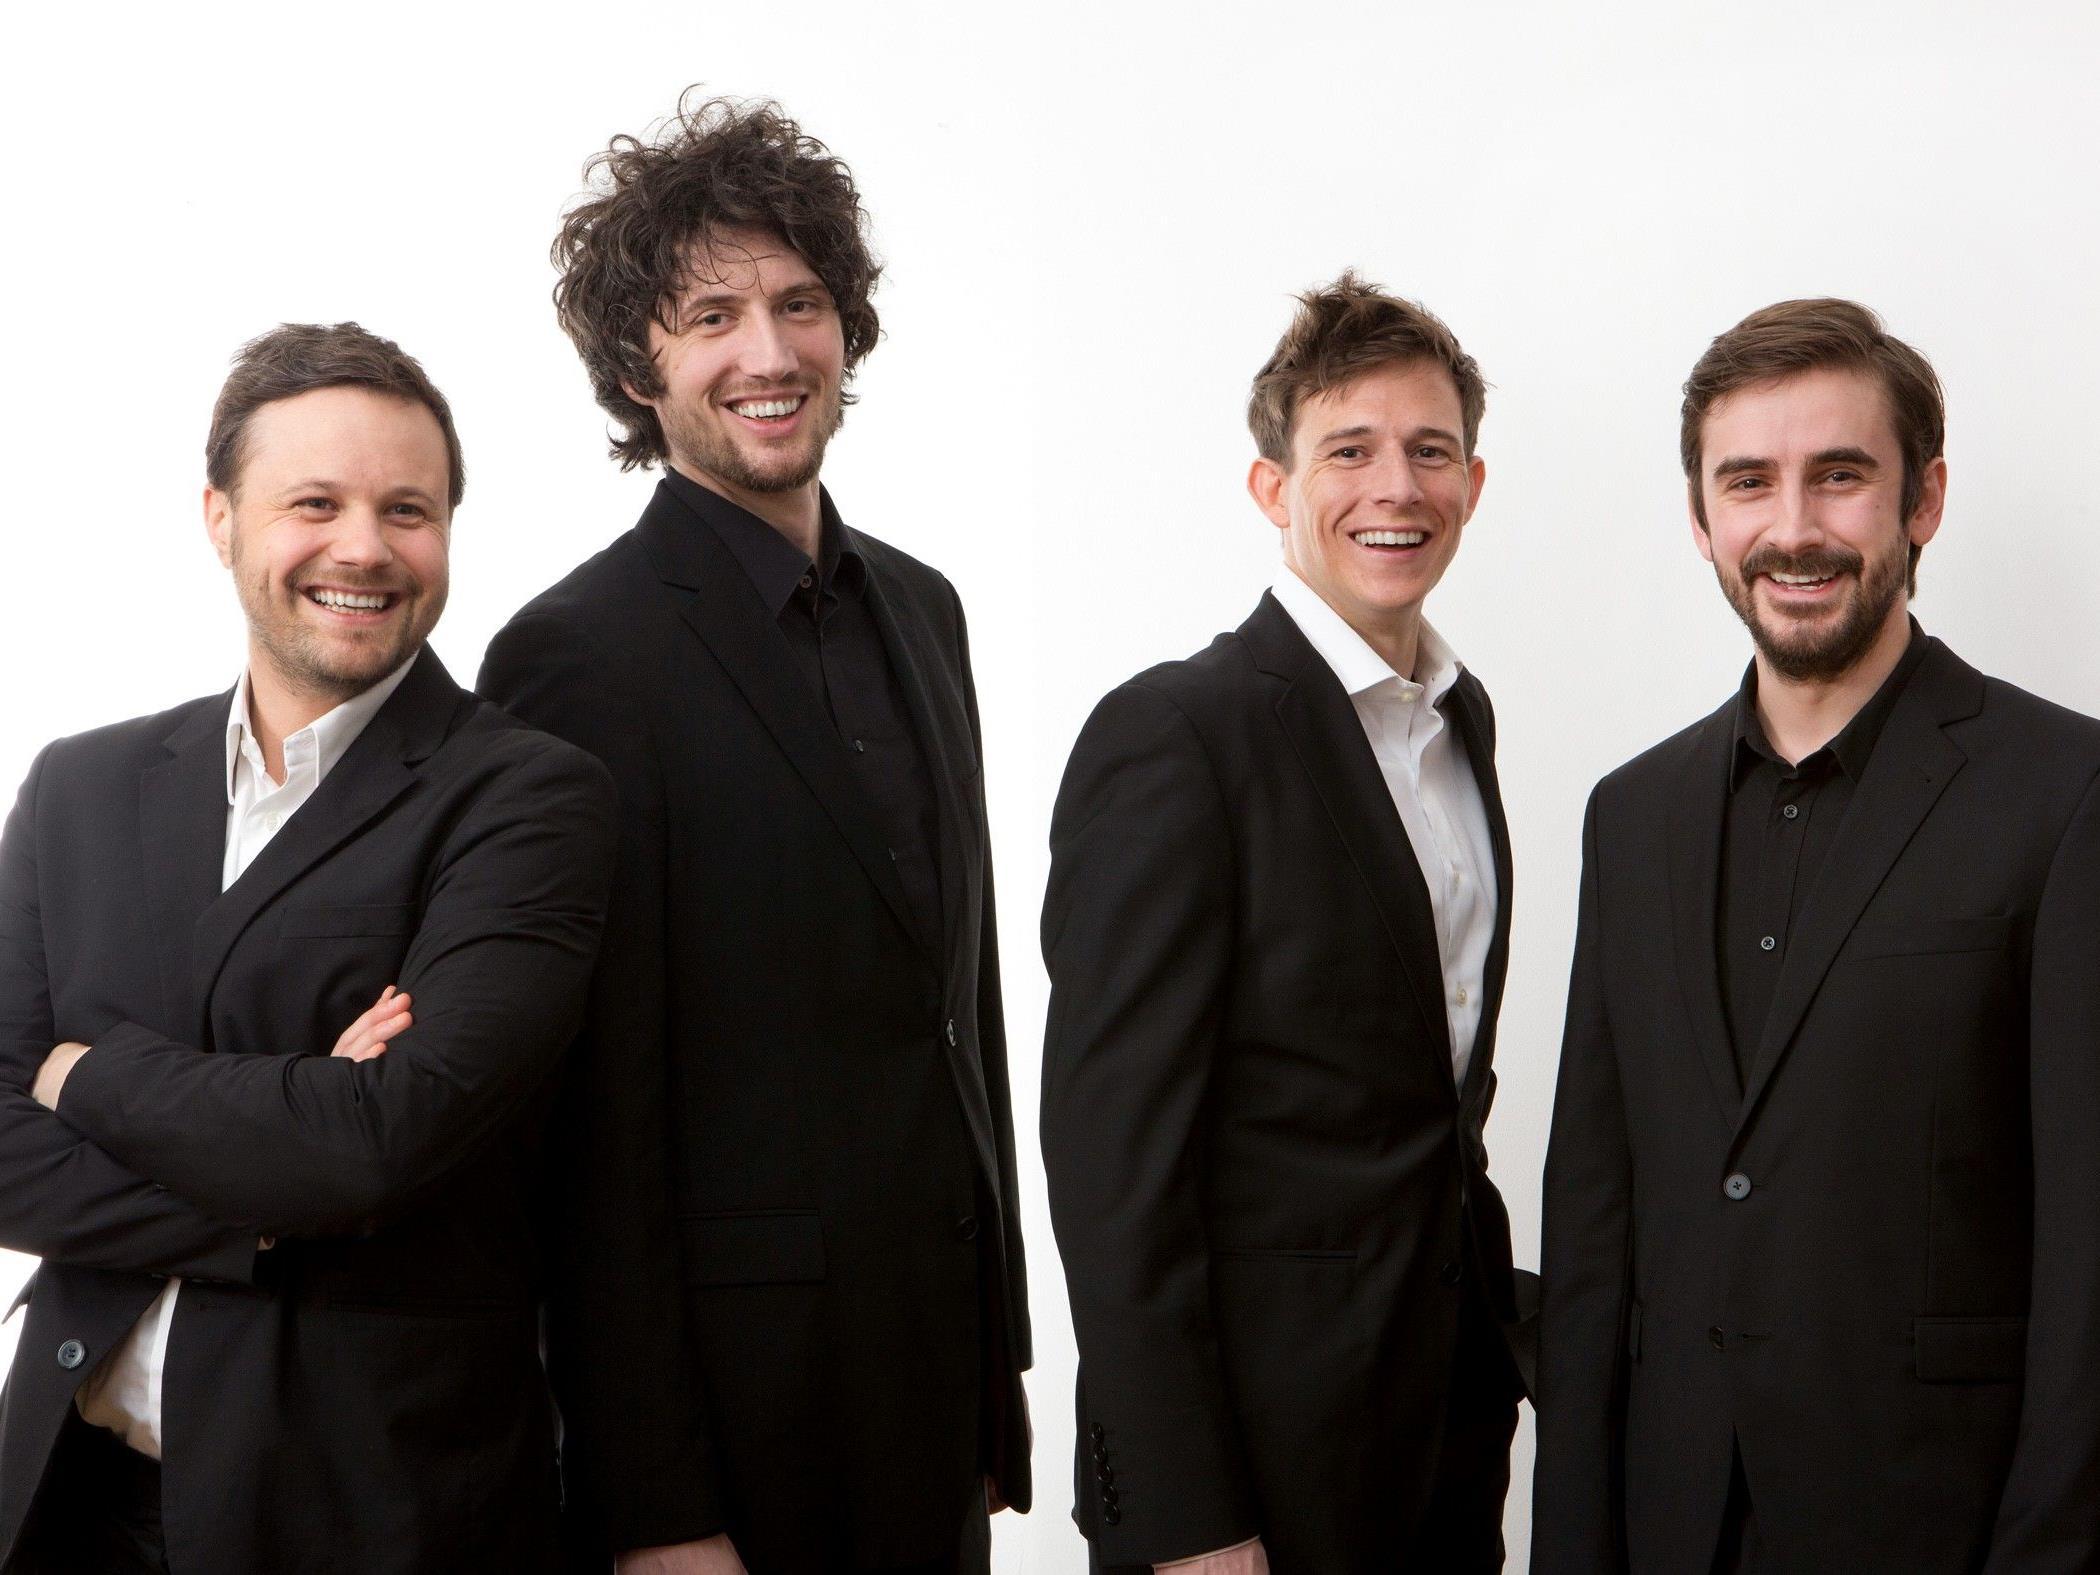 Mit dem Quartett Mundschenk gastieren am kommenden Samstag vier Gesangsperlen im Festsaal des BGD Dornbirn.